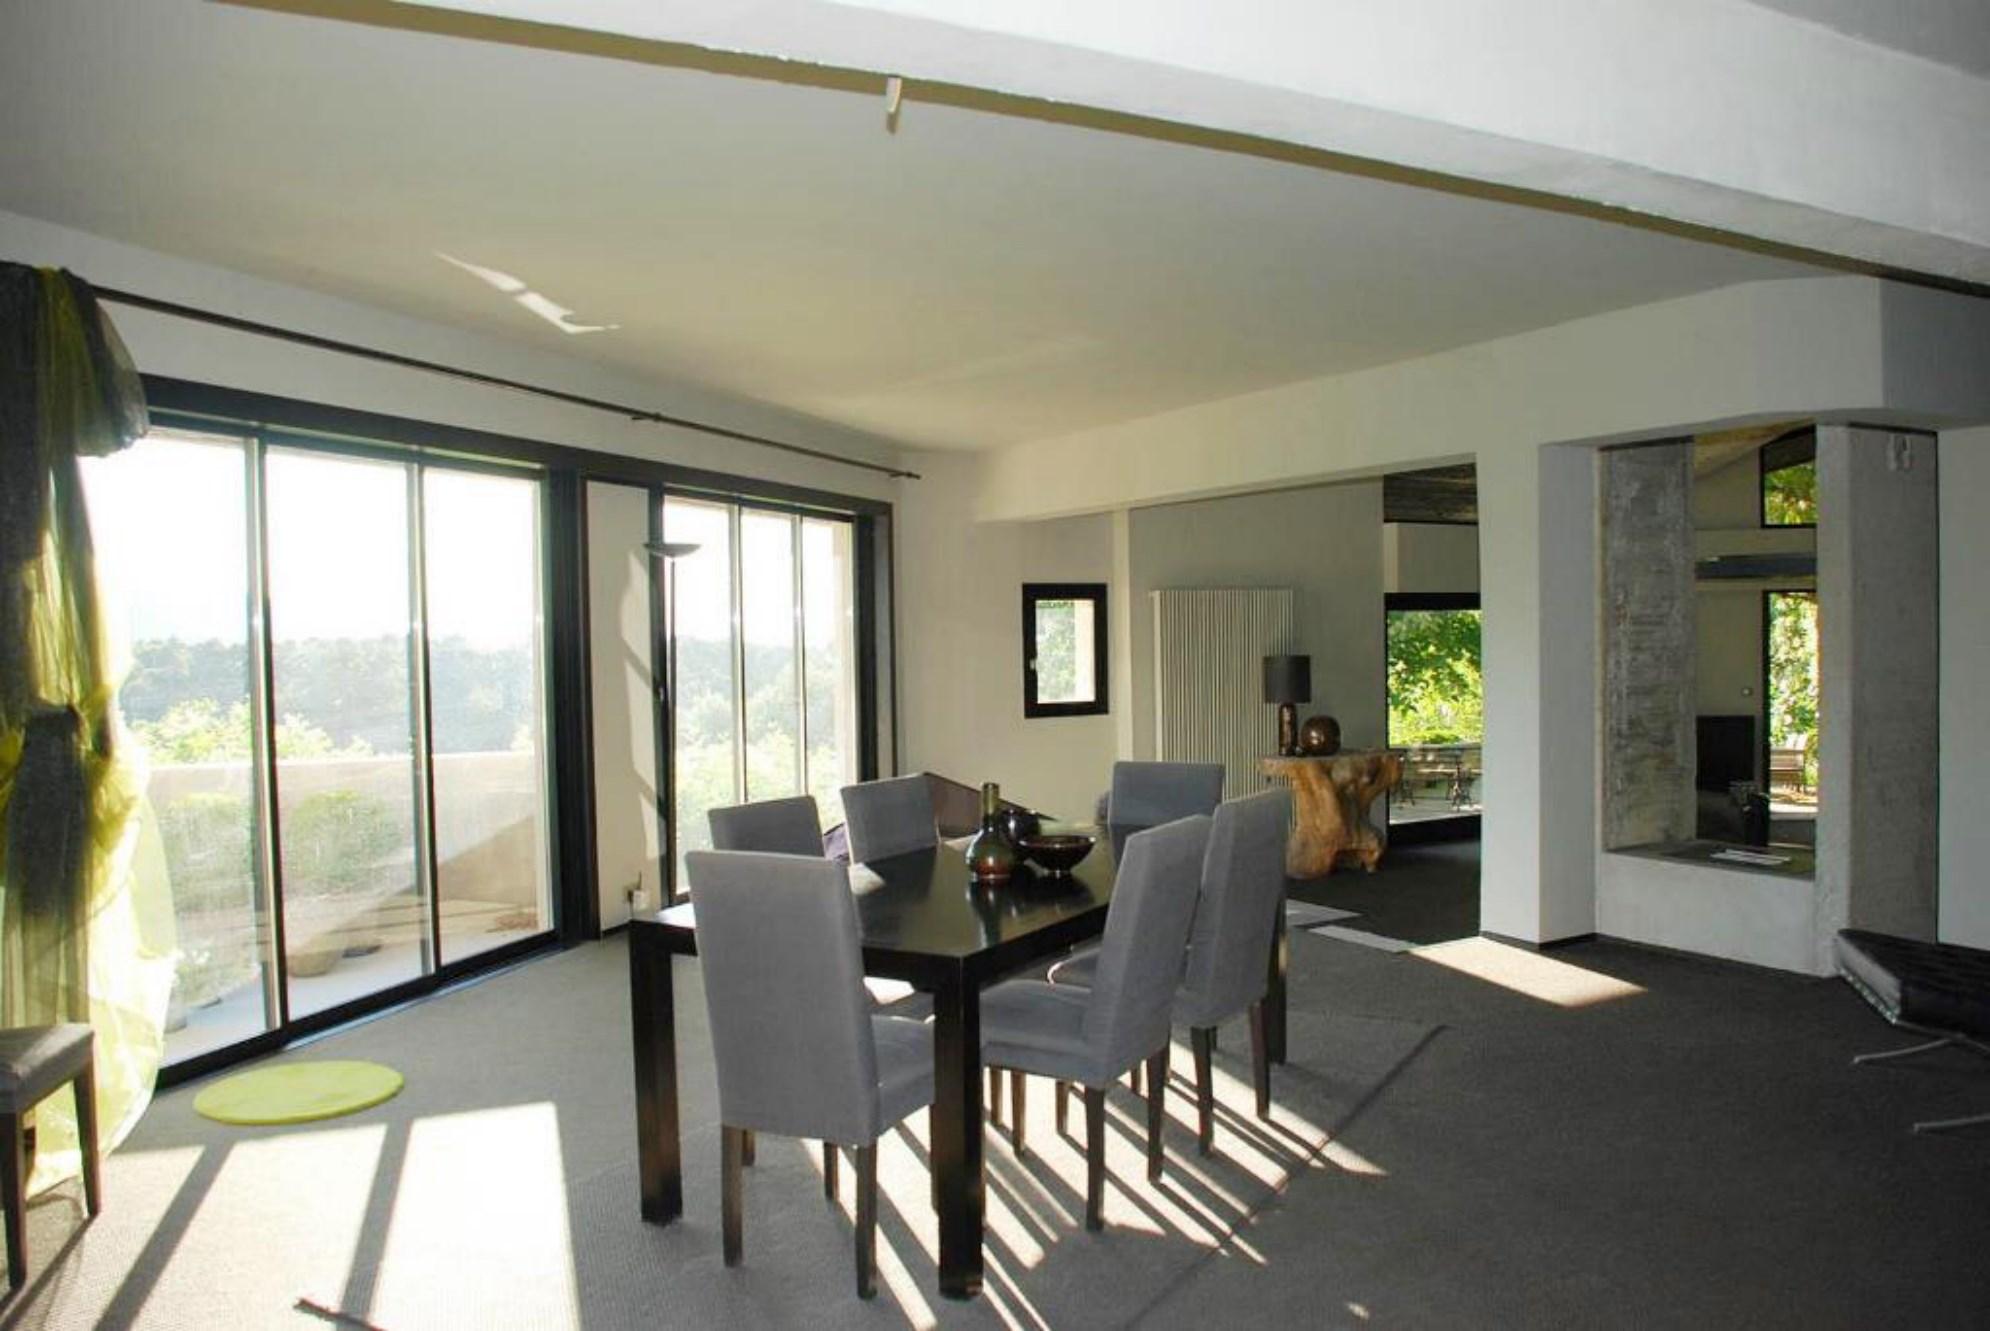 En vente, en Luberon,  maison contemporaine avec terrasses, piscine et vues panoramiques